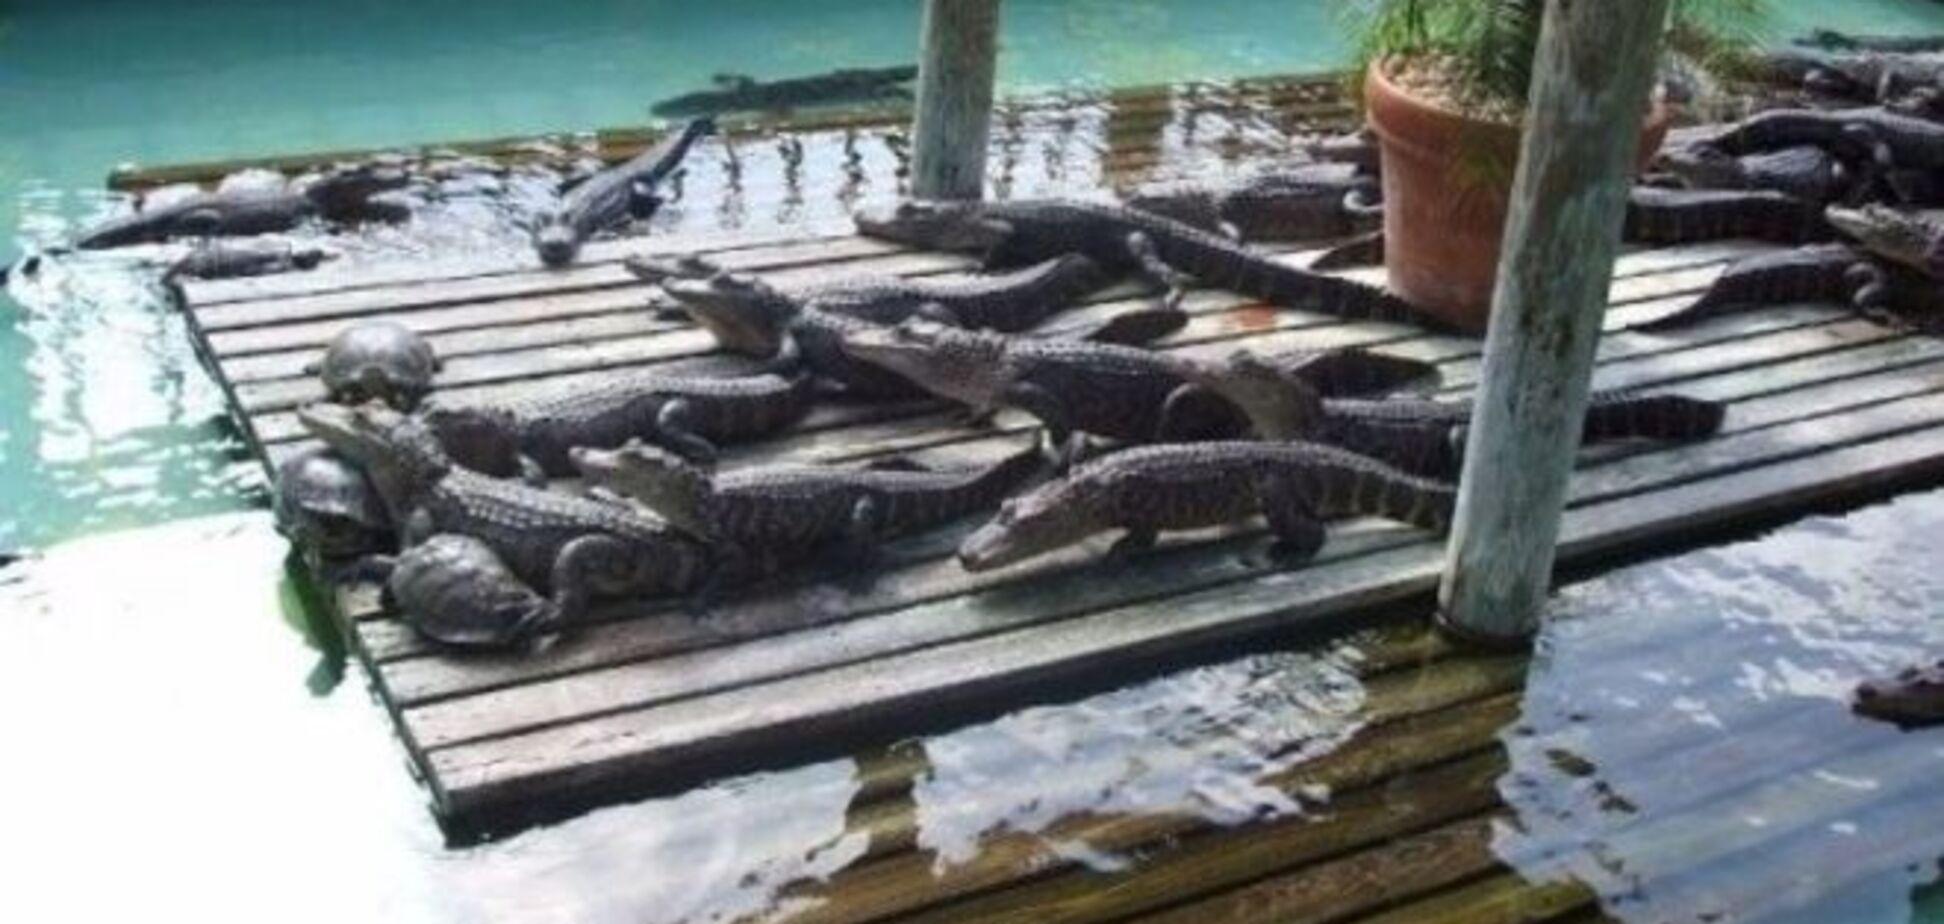 Сын Кличко стал нянькой для крокодилов